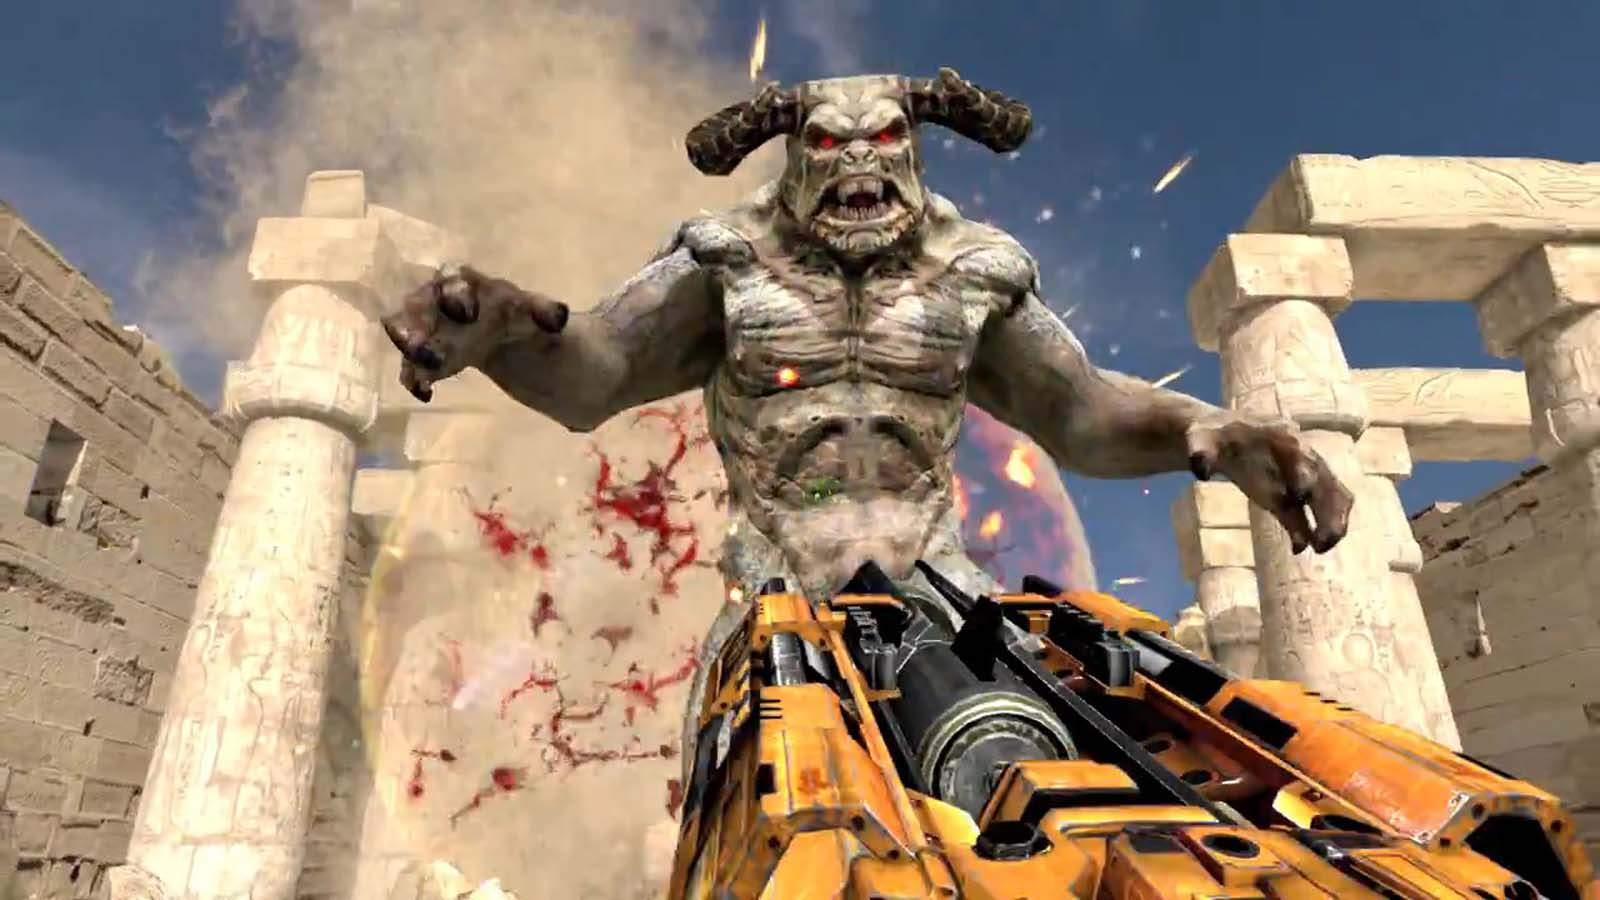 تحميل لعبة Serious Sam 3 مضغوطة كاملة بروابط مباشرة مجانا